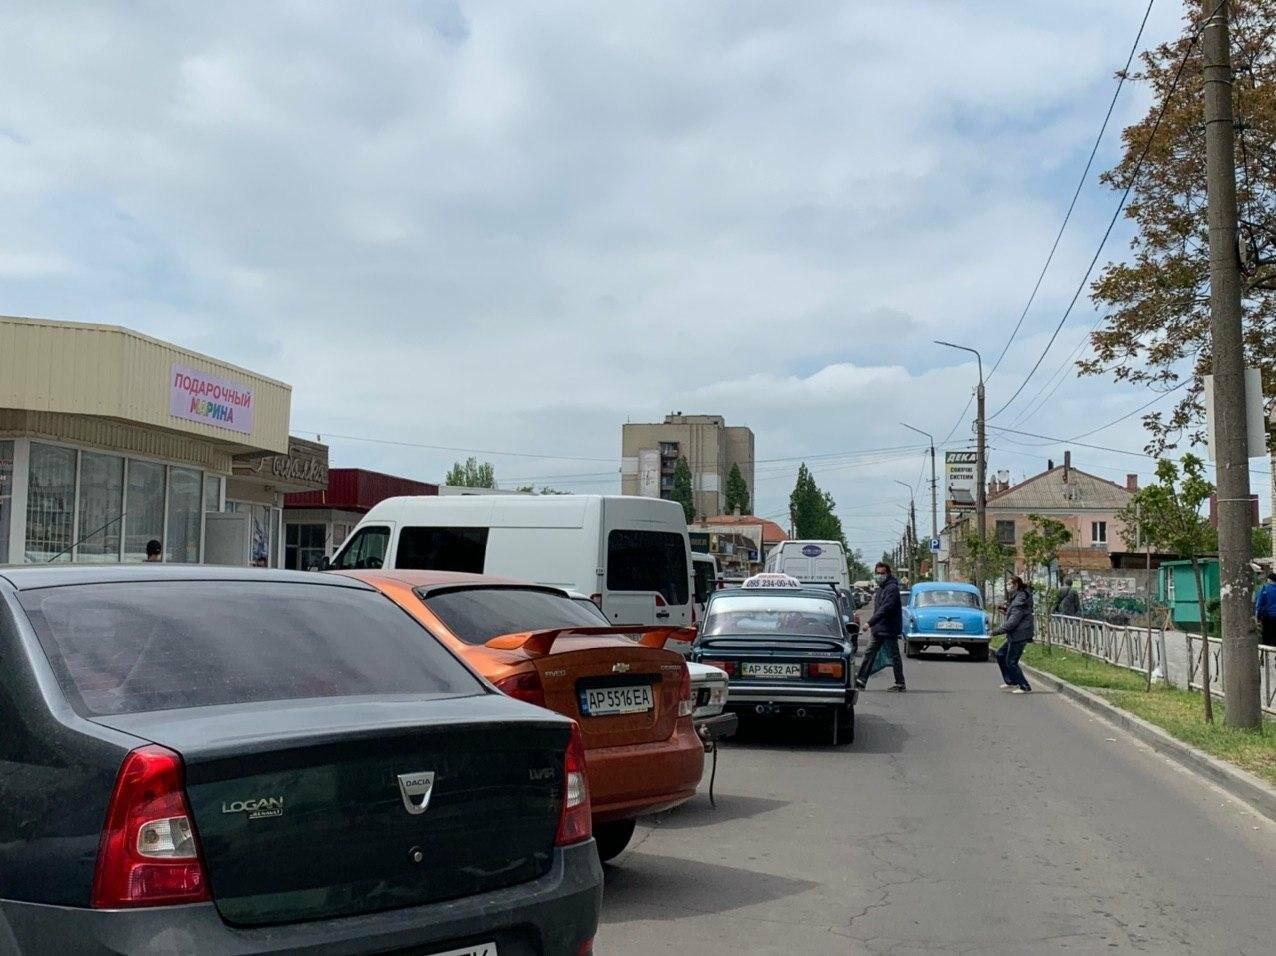 Бердянск - город водителей хамов?, фото-4